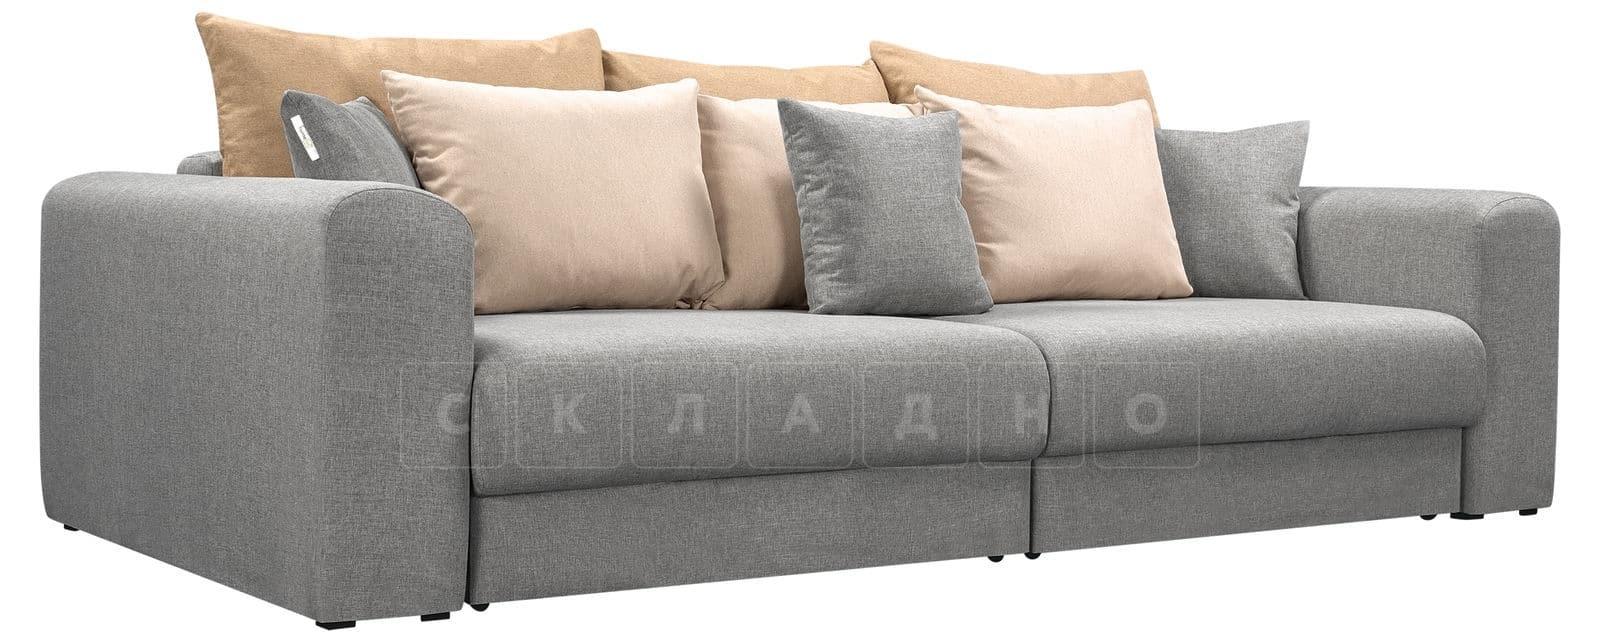 Диван Медисон серый 244 см фото 1   интернет-магазин Складно